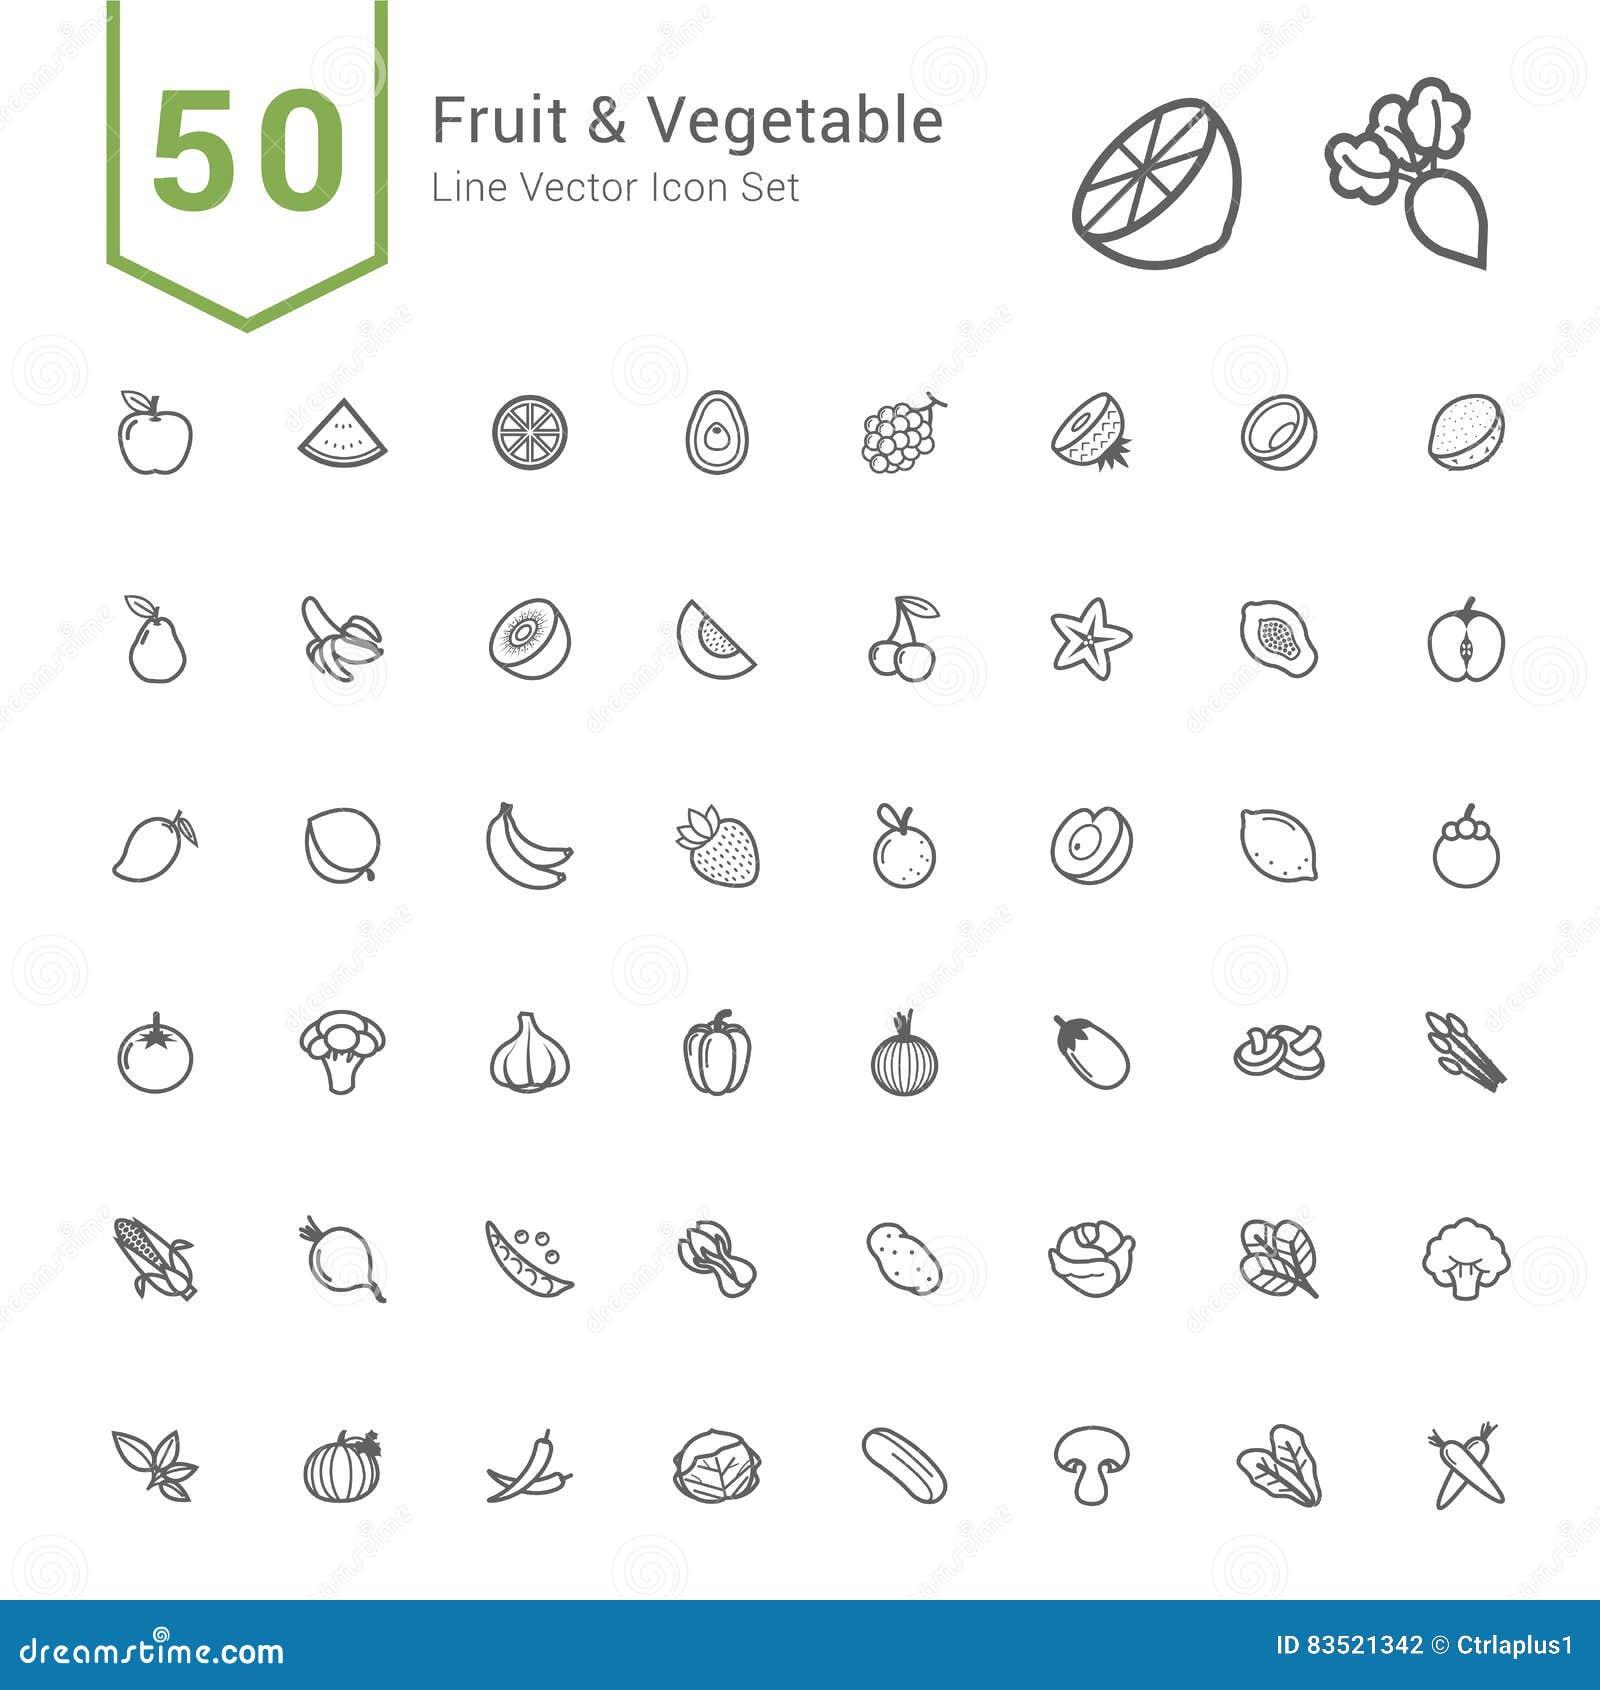 Obst- und GemüseIkonen-Satz 50 Linie Vektor-Ikonen